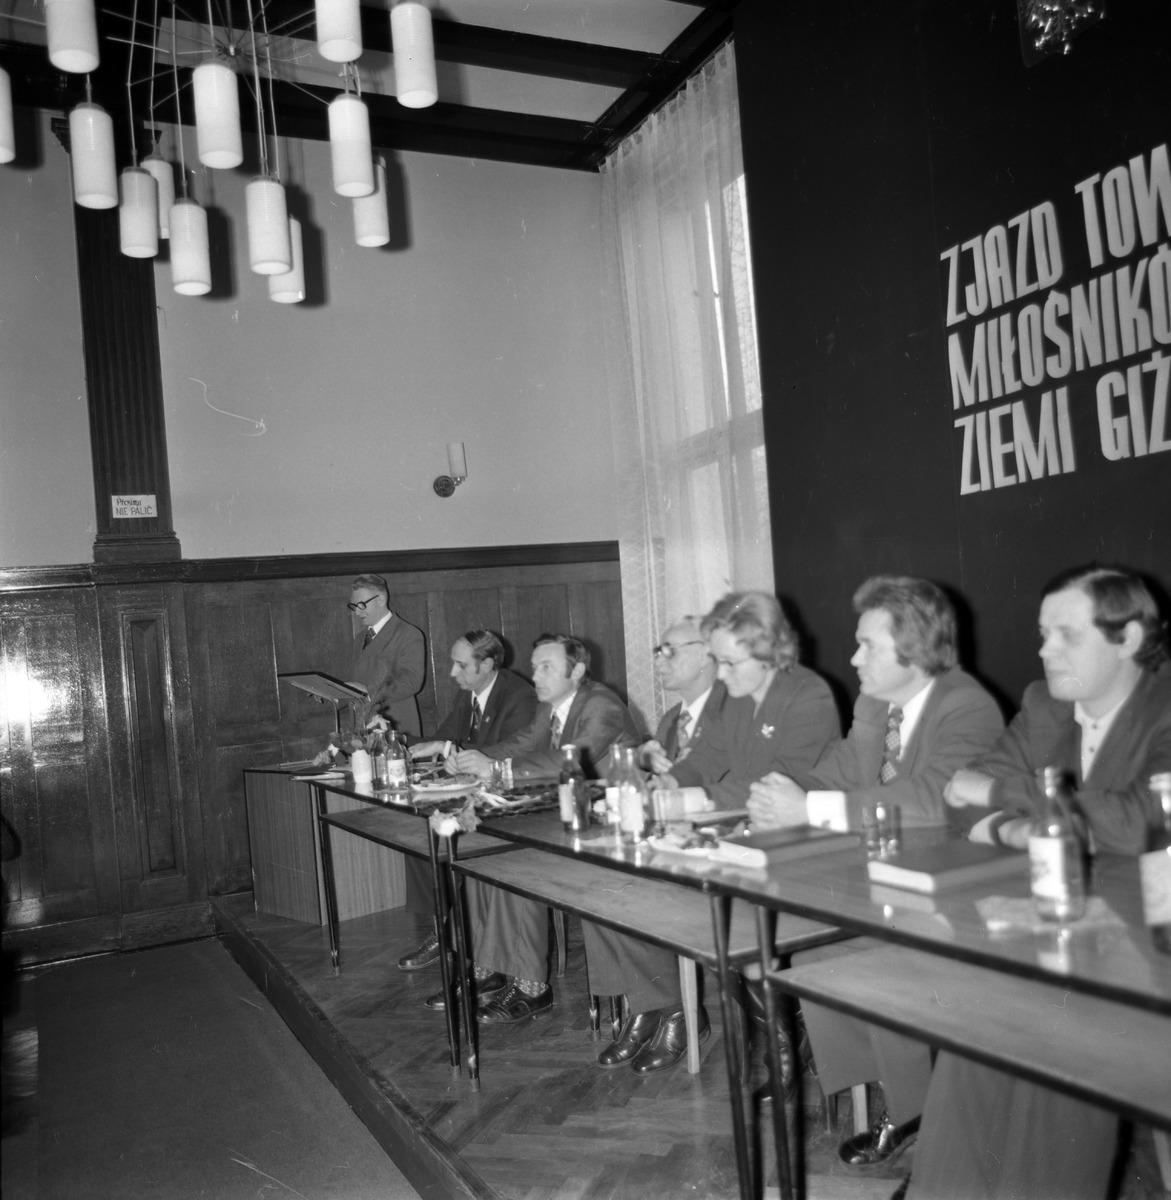 Zjazd Towarzystwa Miłośników Ziemi Giżyckiej, 1976 r. [2]